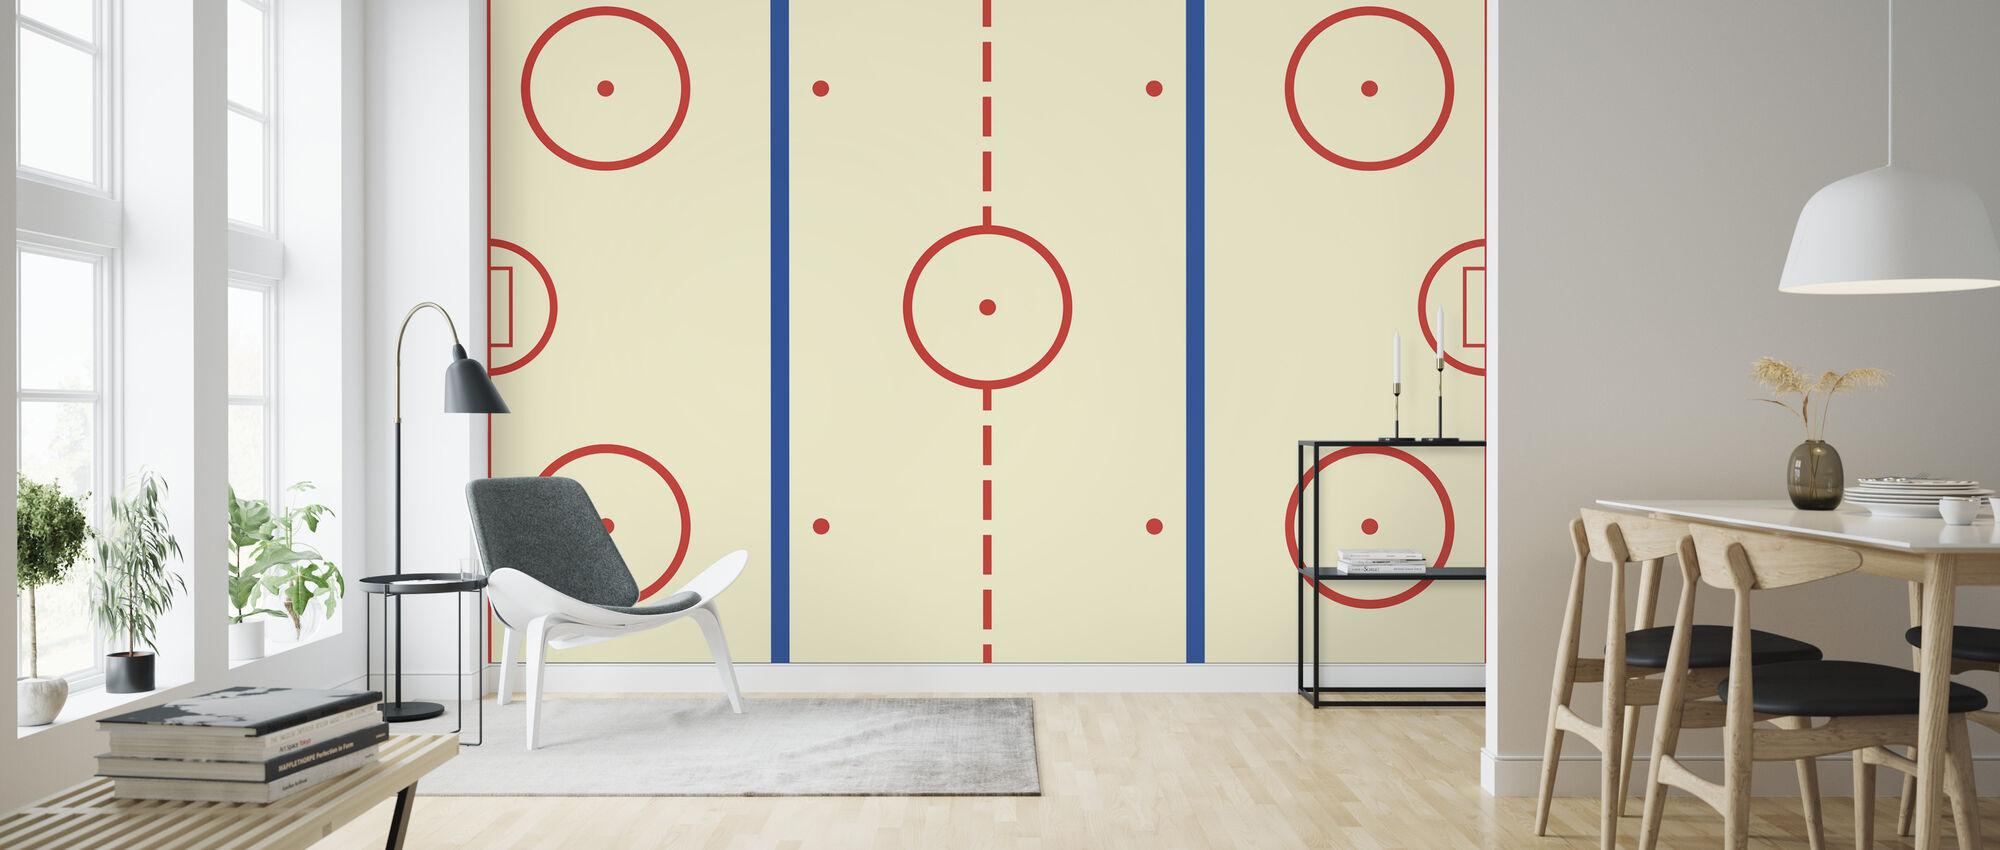 IJshockeybaan - Behang - Woonkamer